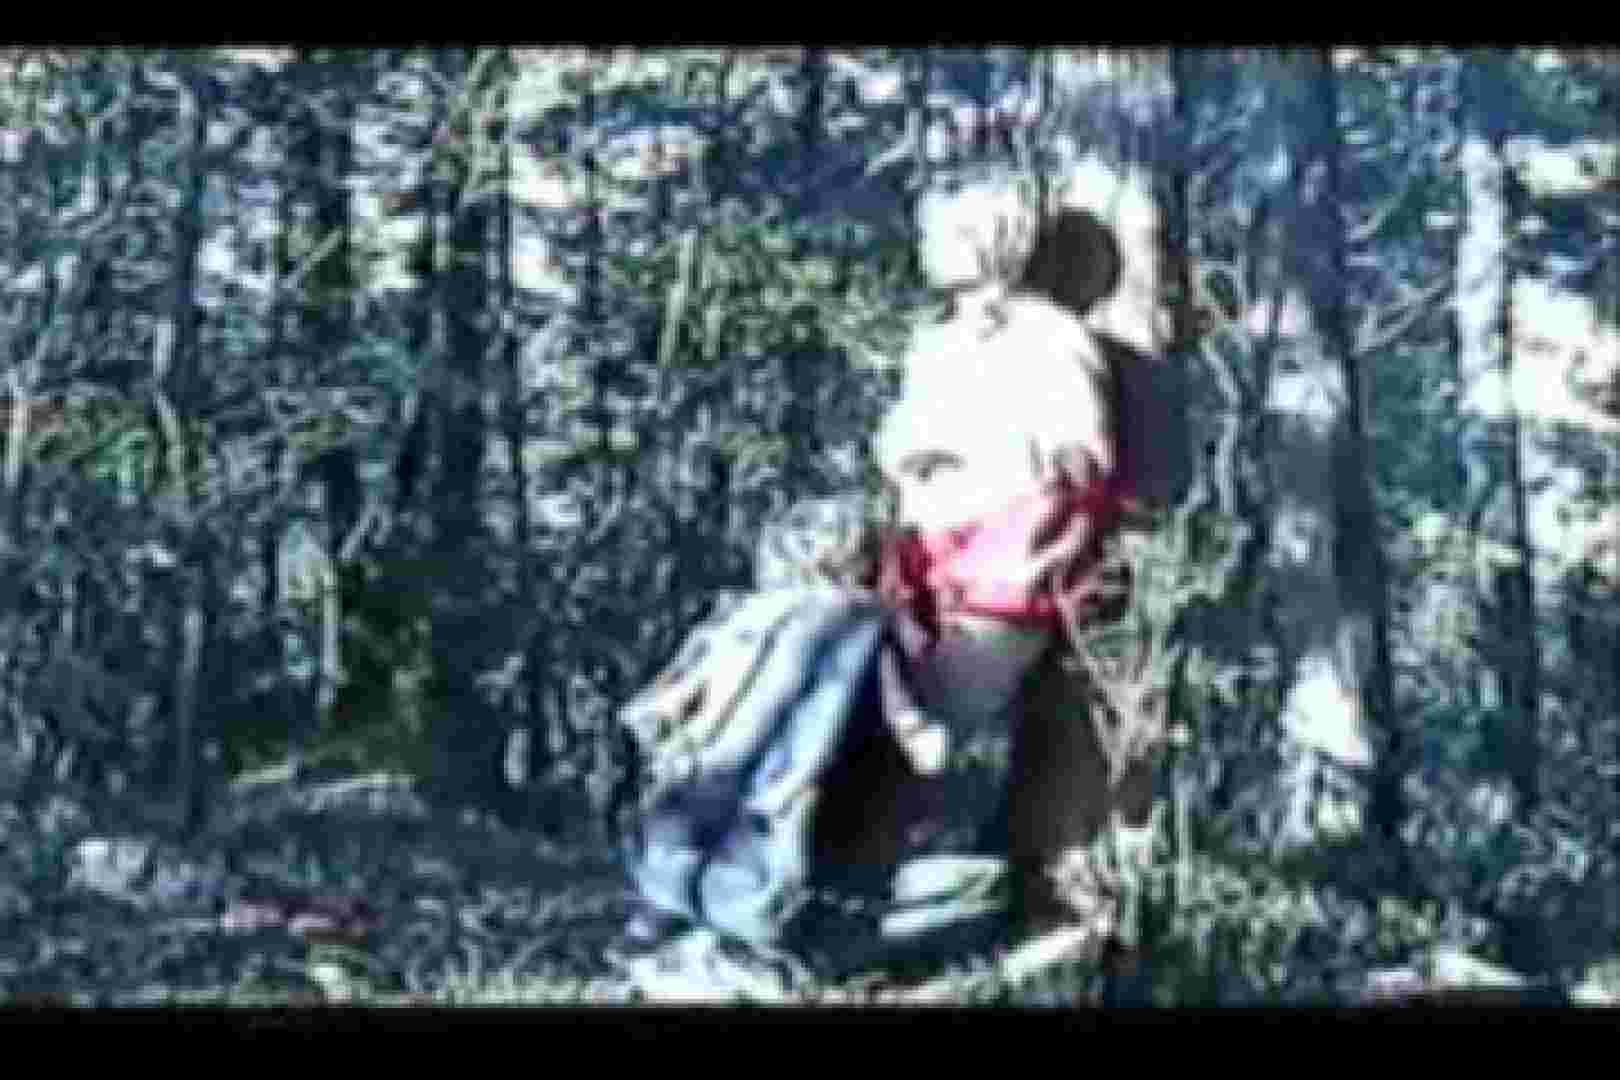 オールドゲイシリーズ  美少年ひかるのオープンファック 野外露出動画 ゲイ無修正画像 46pic 45